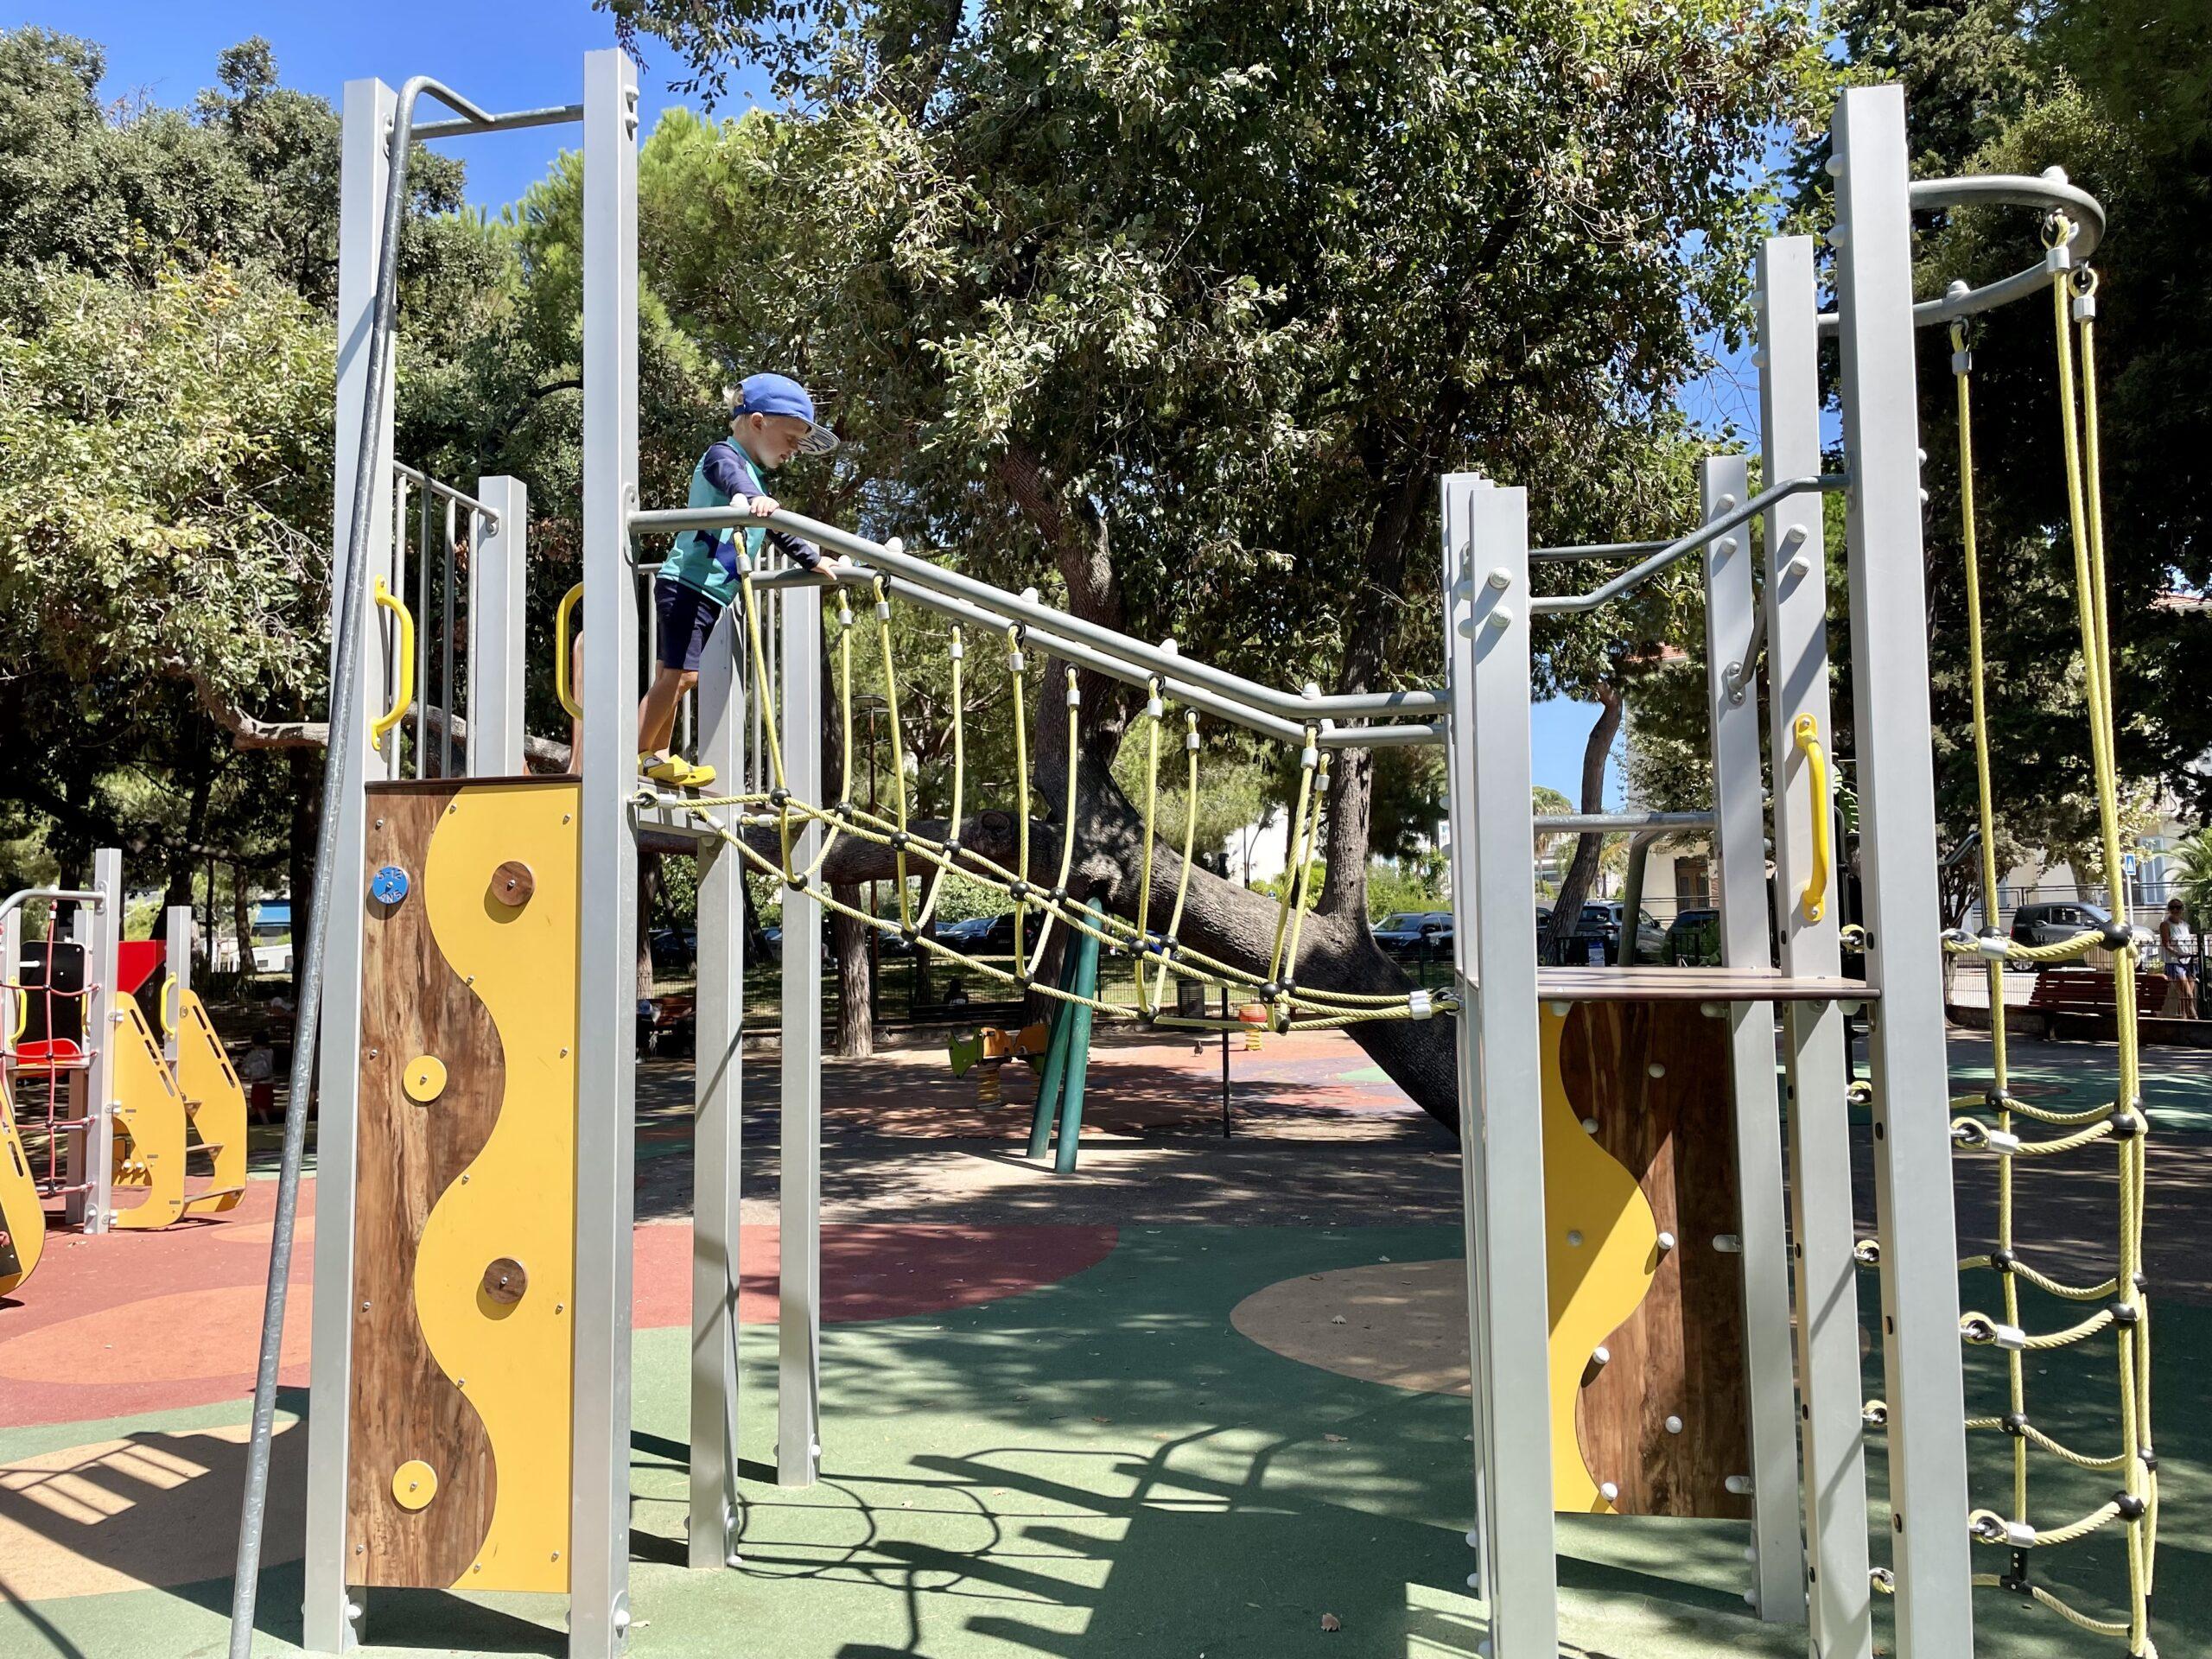 Gröna lustfyllda lekplatser kan inspirera!